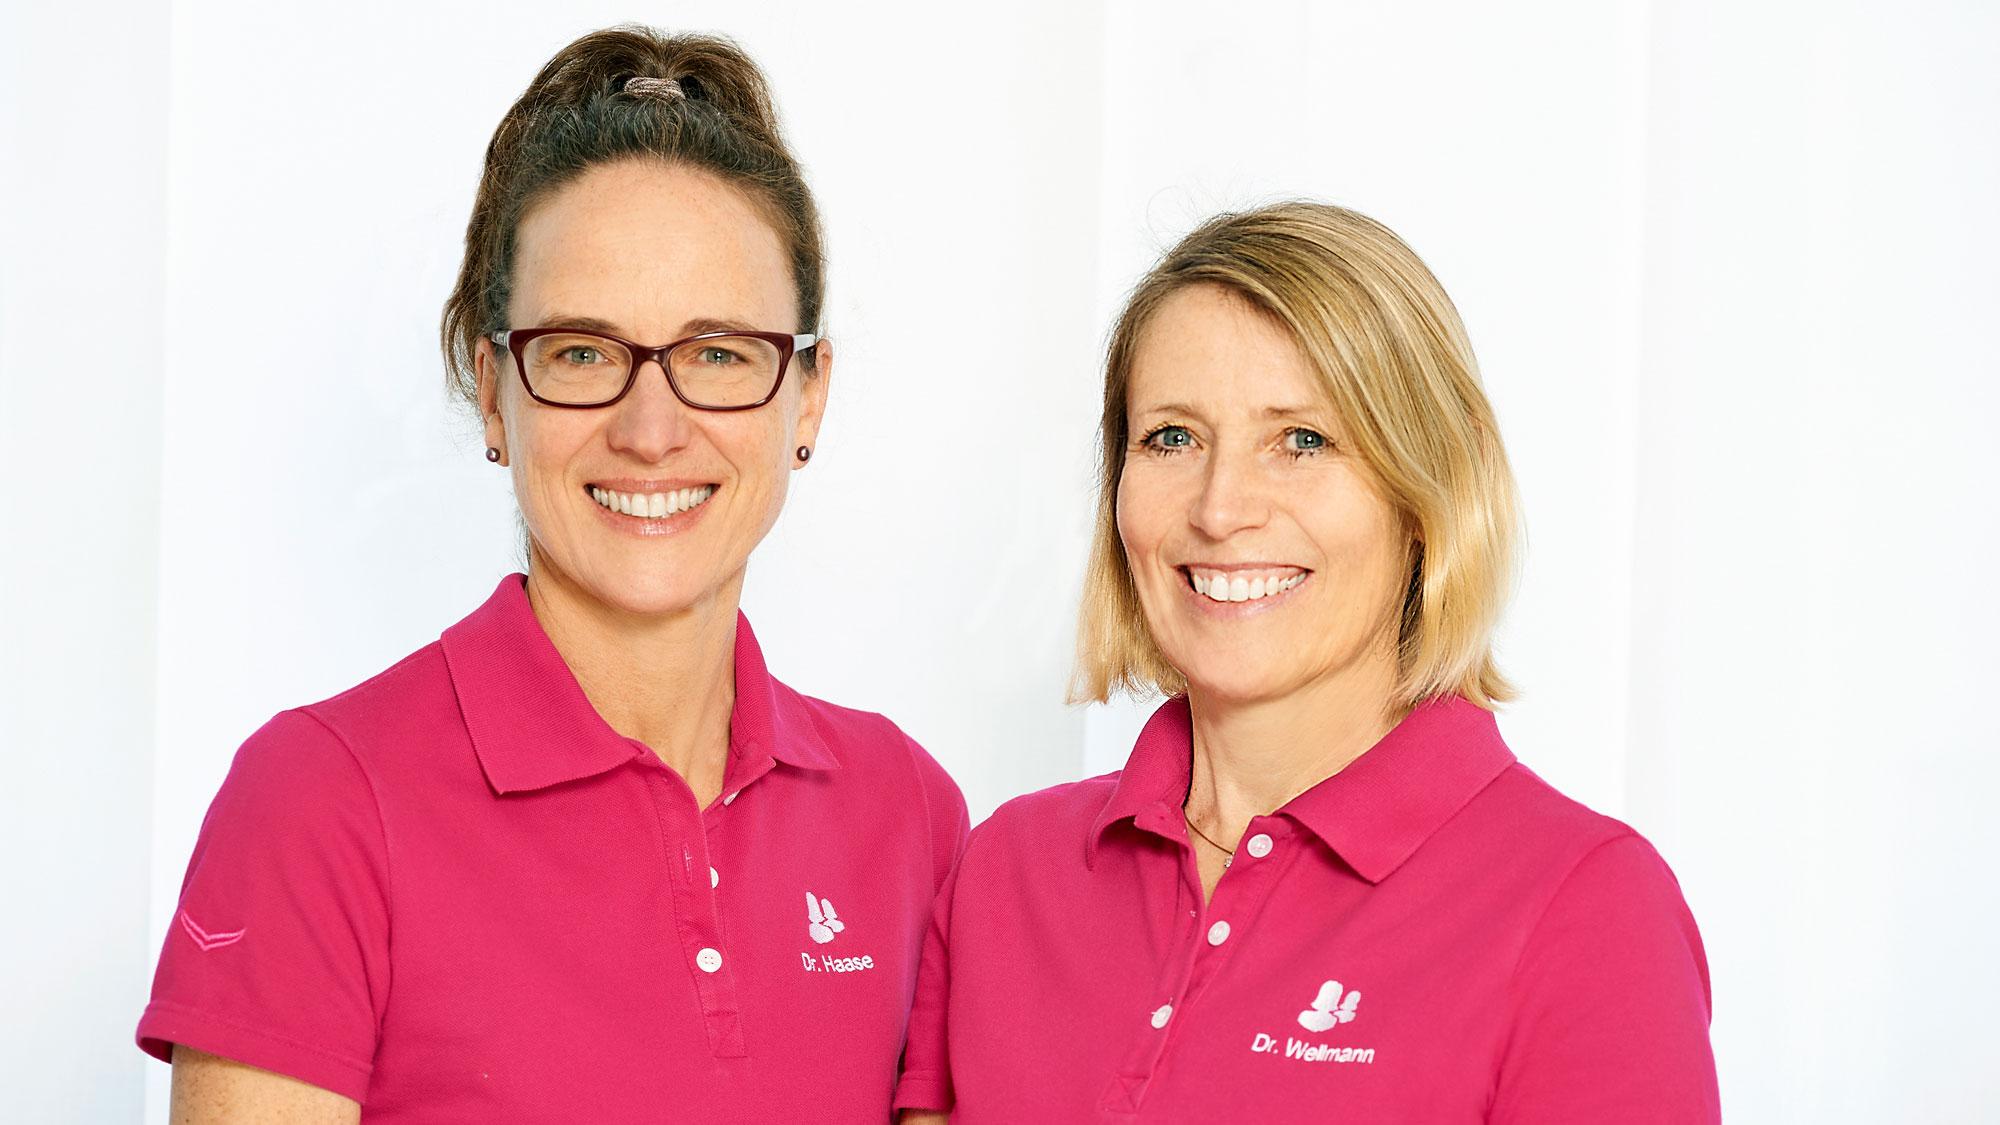 Die Frauenärztinnen Dr. med. Eva Wellmann und Dr. med. Sibylle Haase